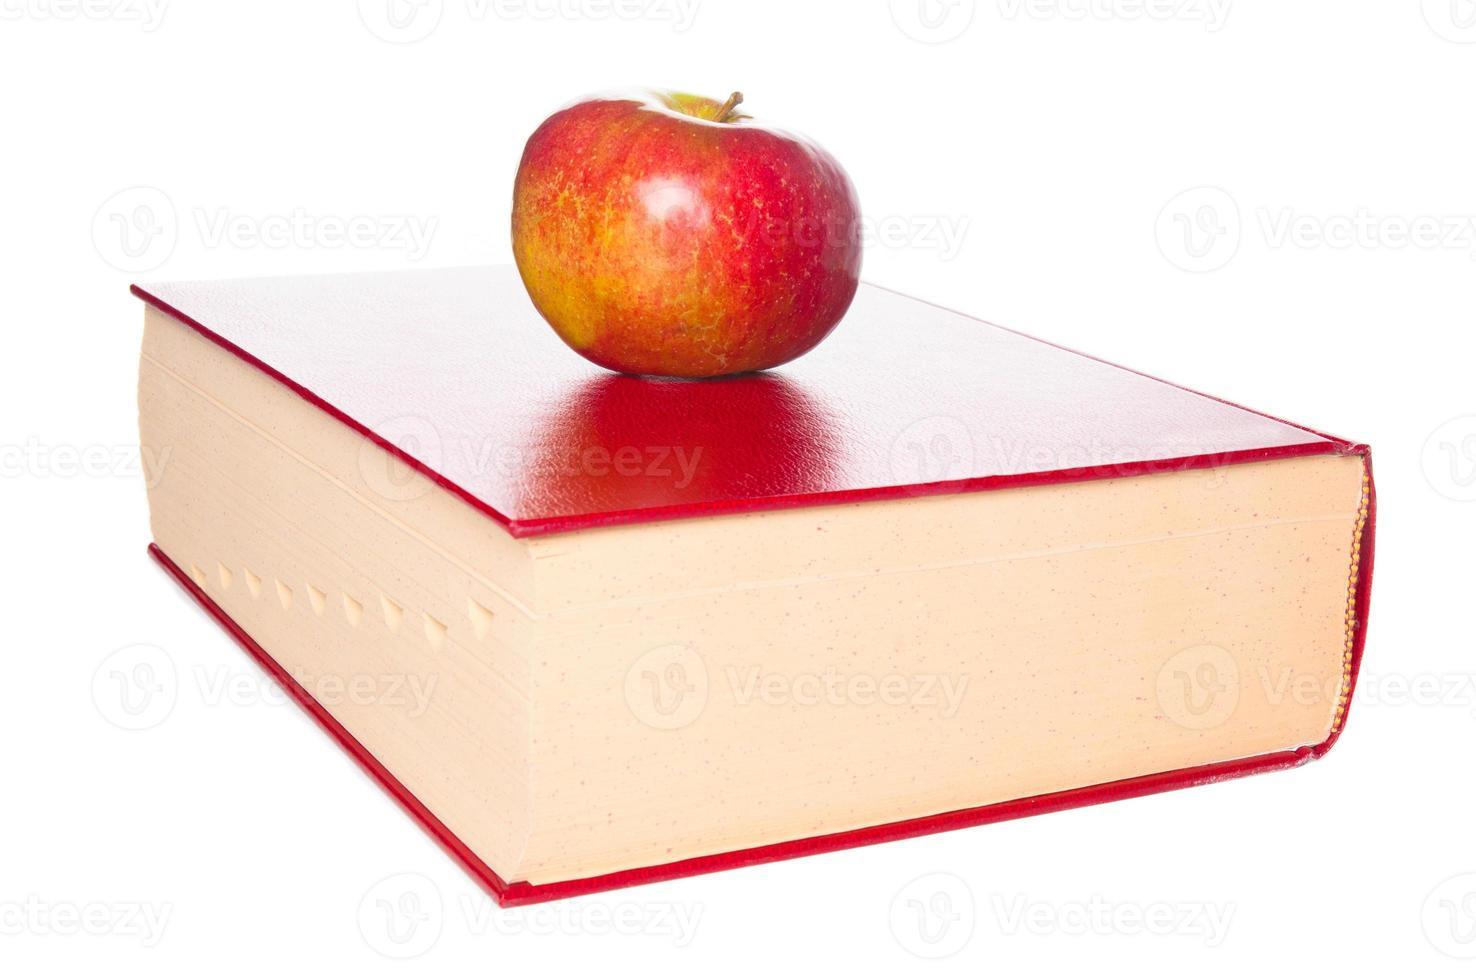 Wörterbuch und Apfel Nahaufnahme auf weißem Hintergrund foto